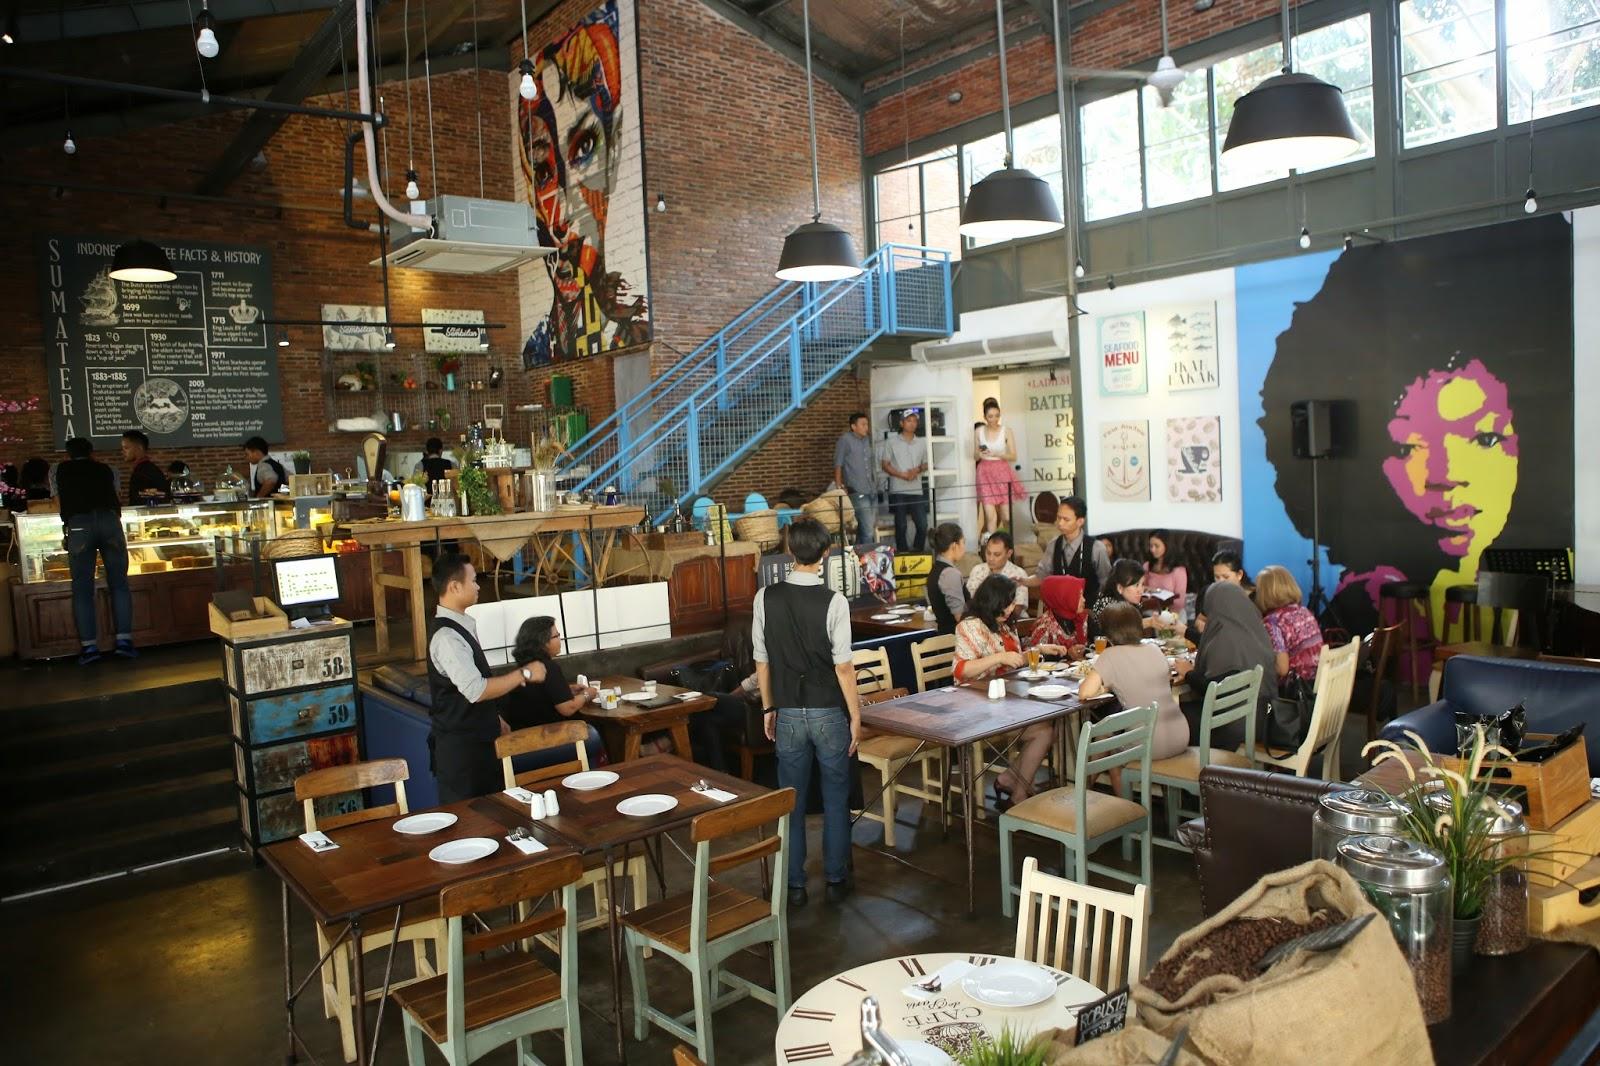 tempat makan nongkrong di tangerang selatan